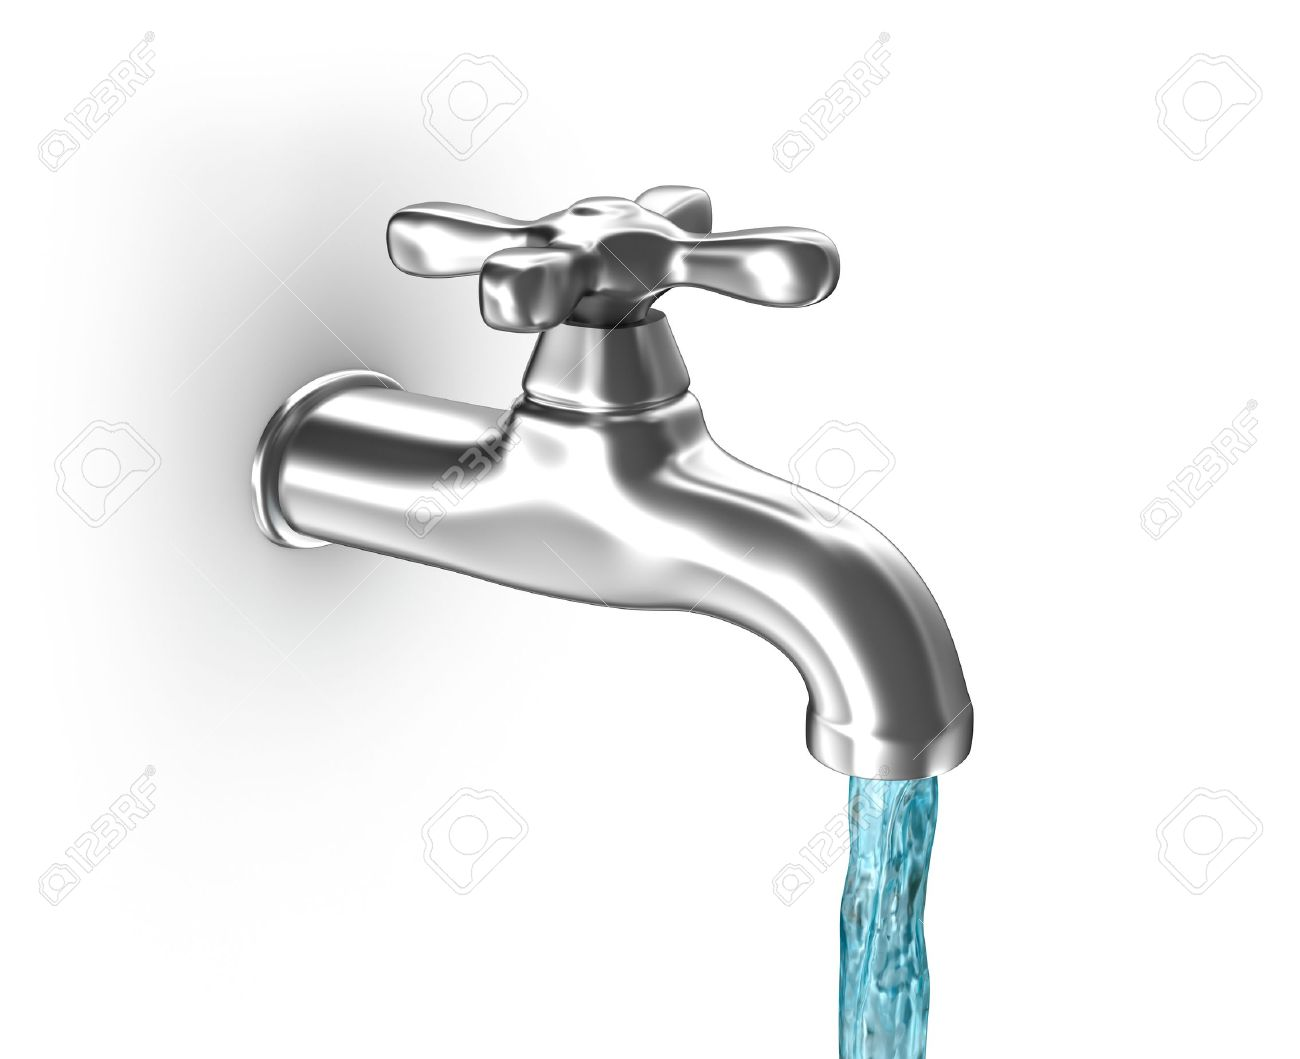 servicio de agua potable aumento recomiendan adquirir